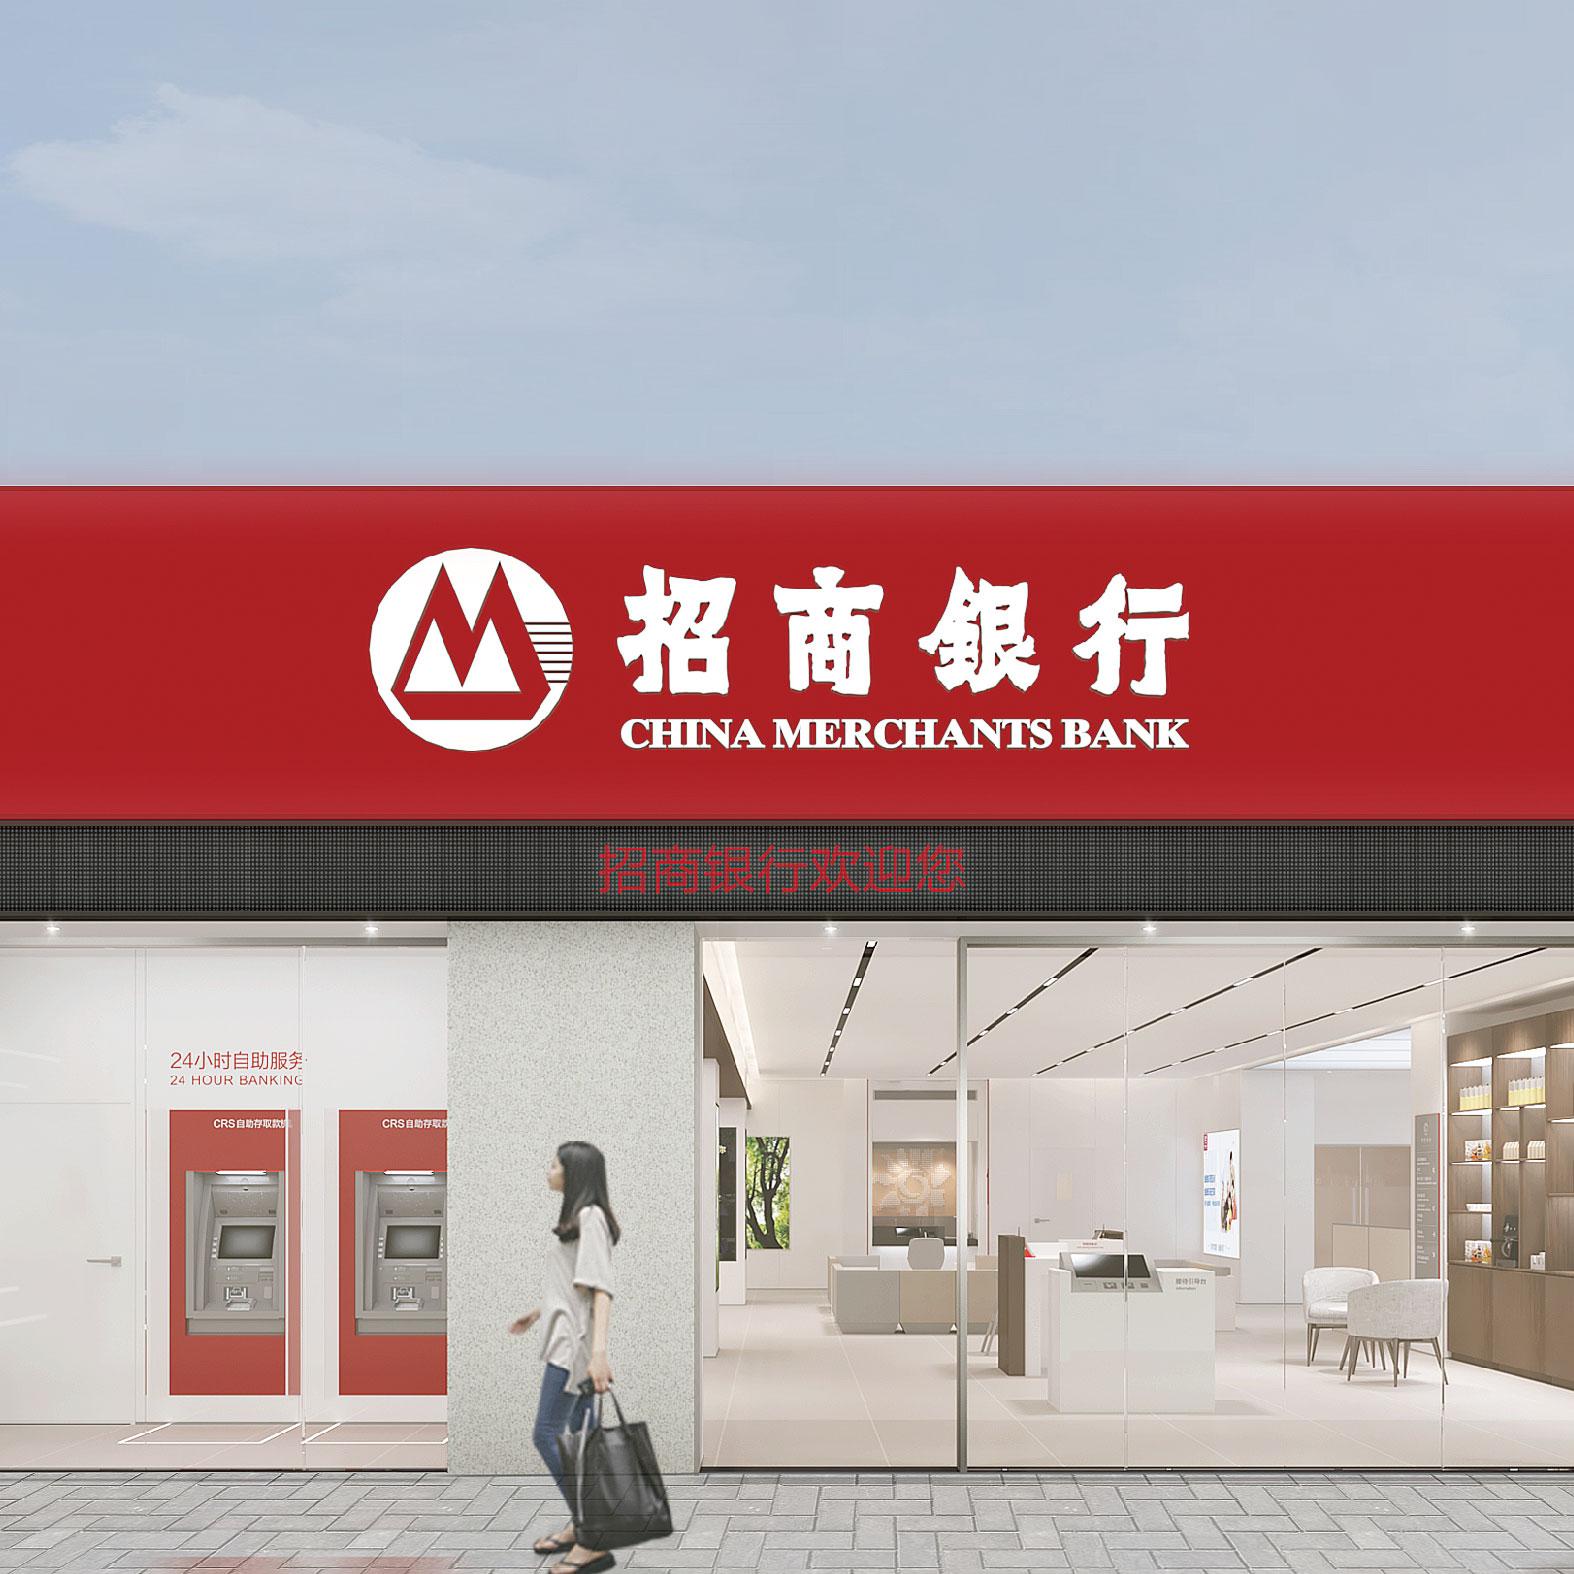 중국 초상 은행 <br>3.0 영업망